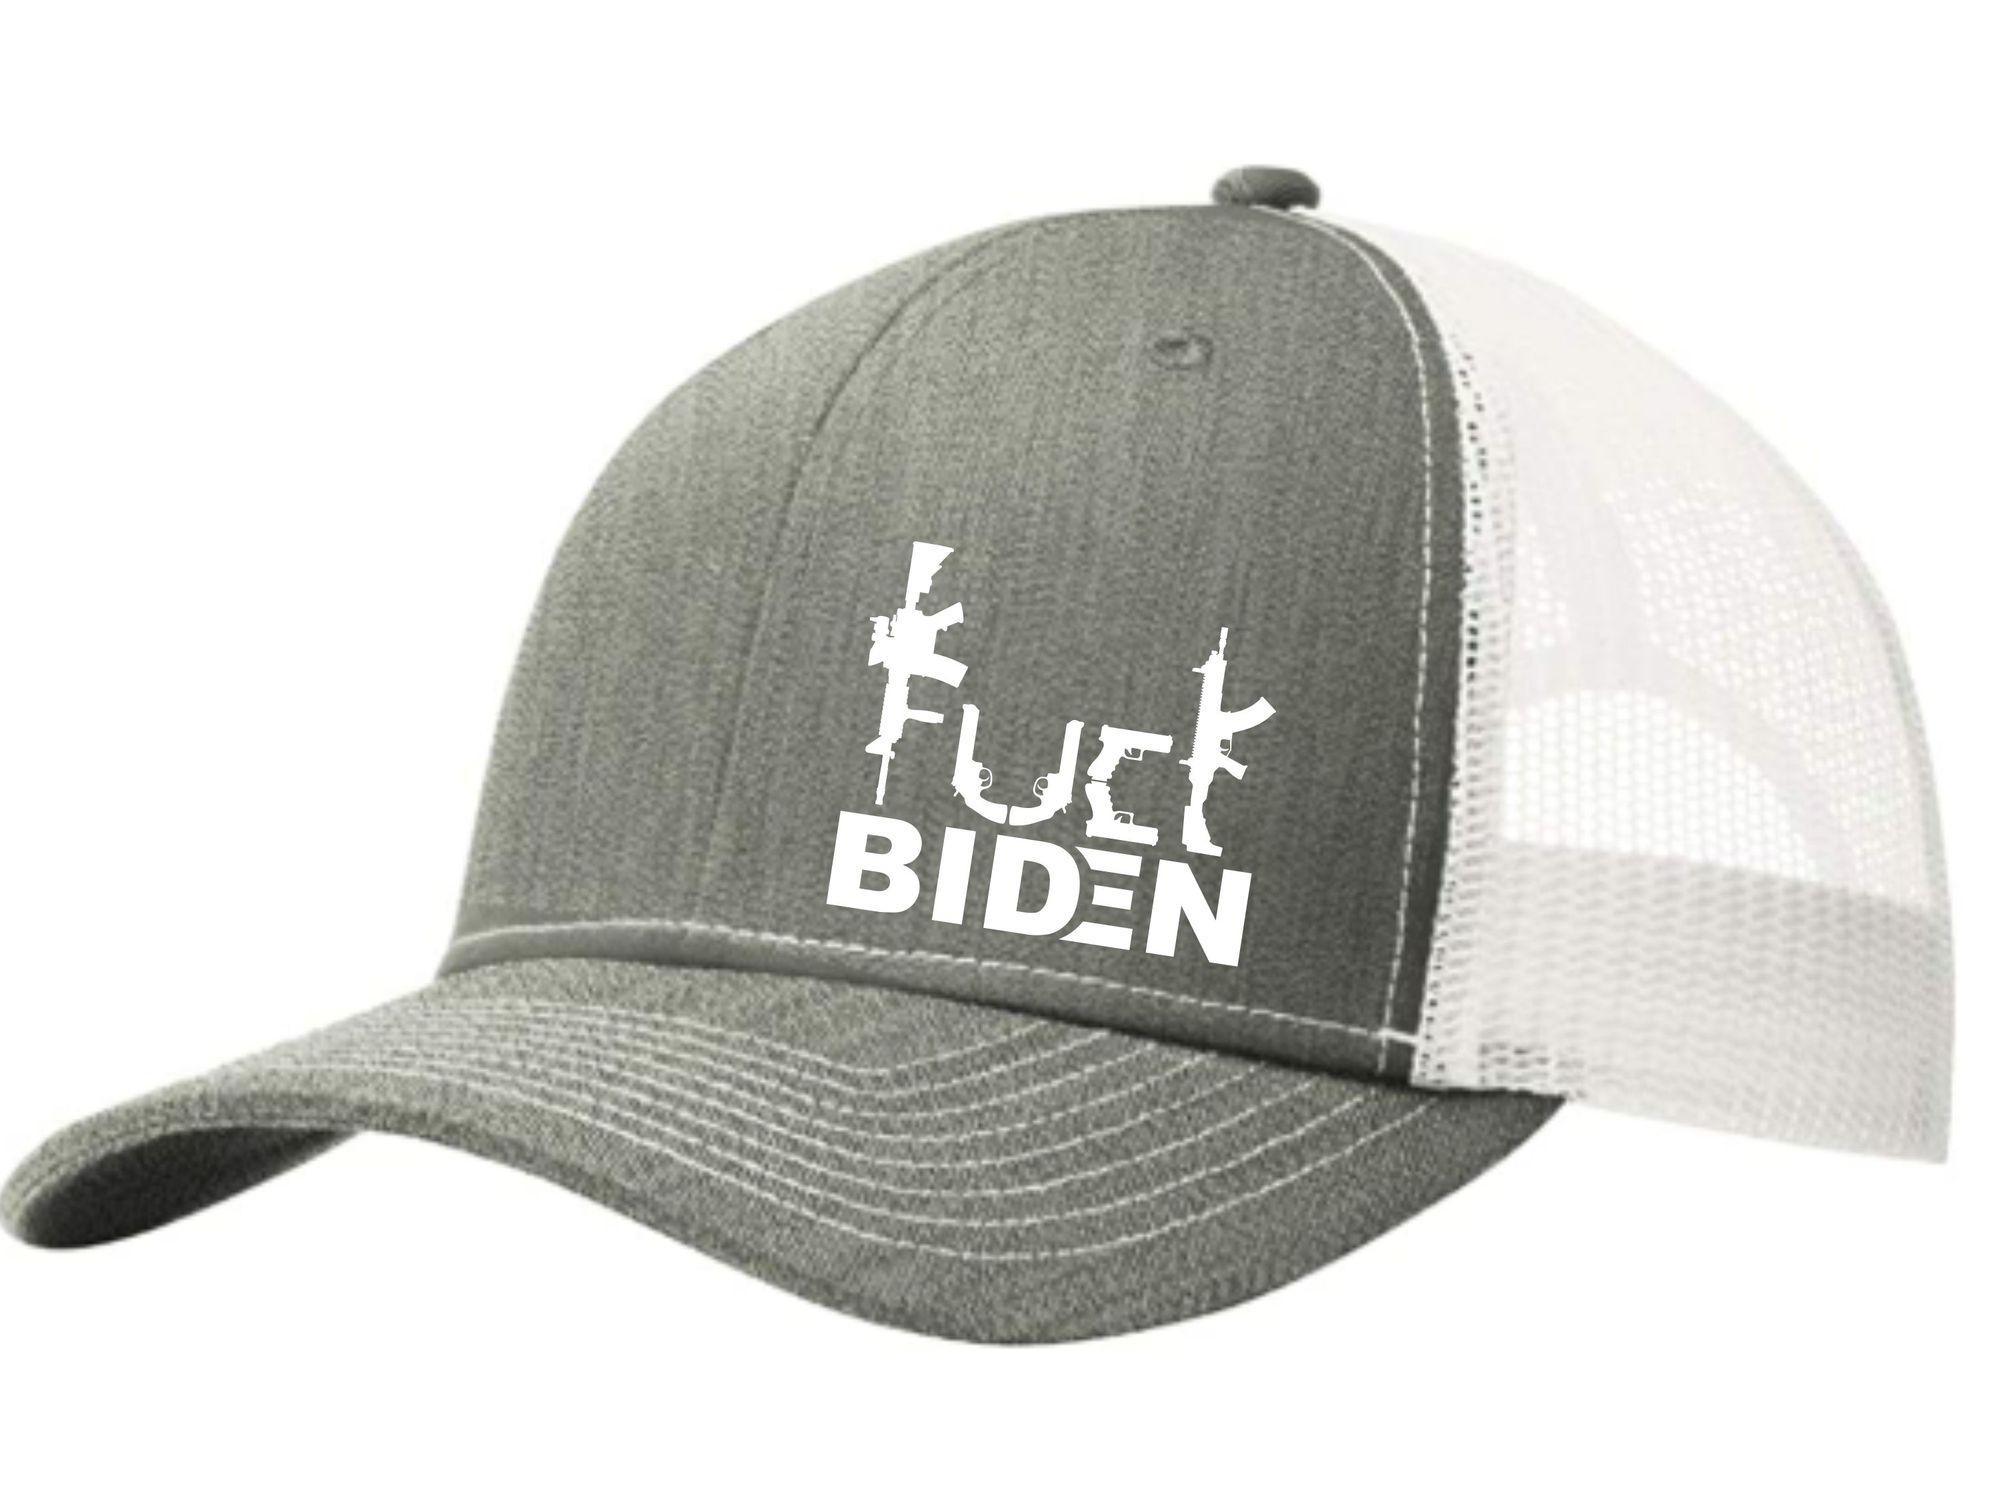 Guns Fuck Biden trucker cap 3